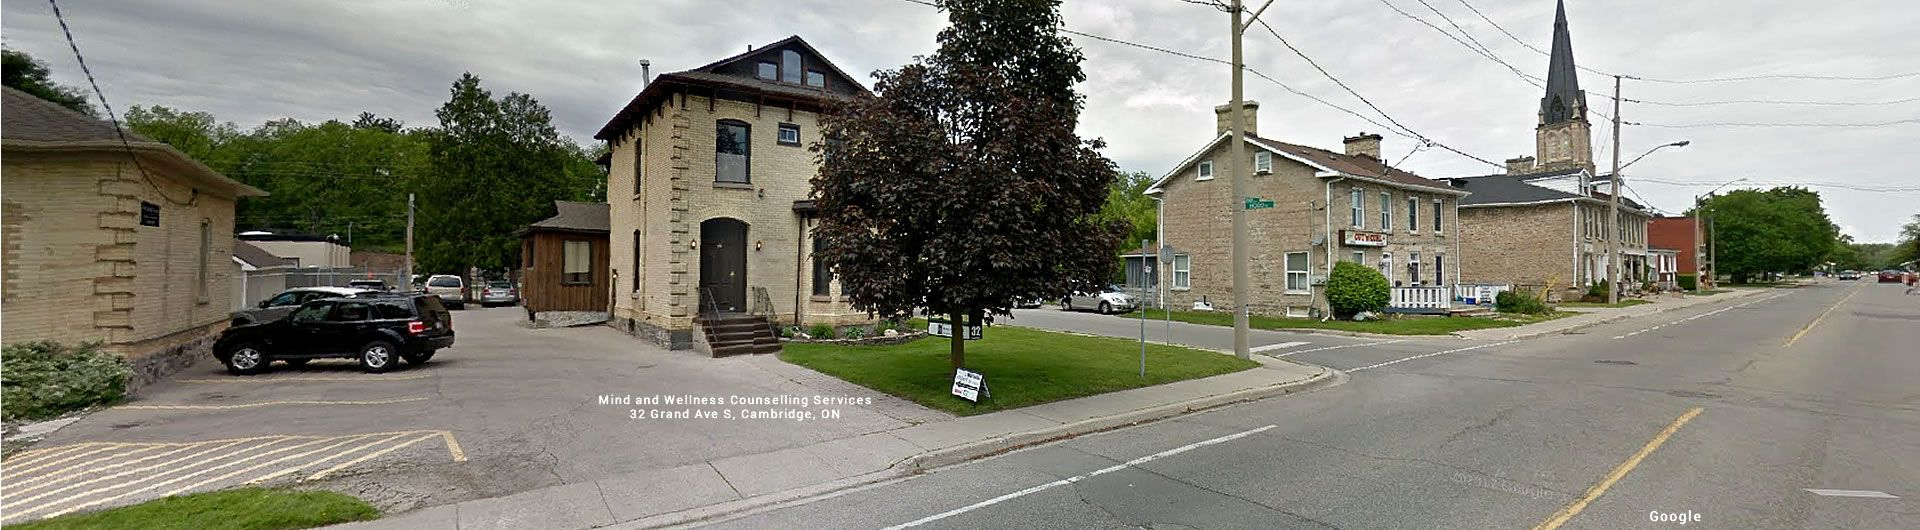 32 Grand Ave. S. Cambridge